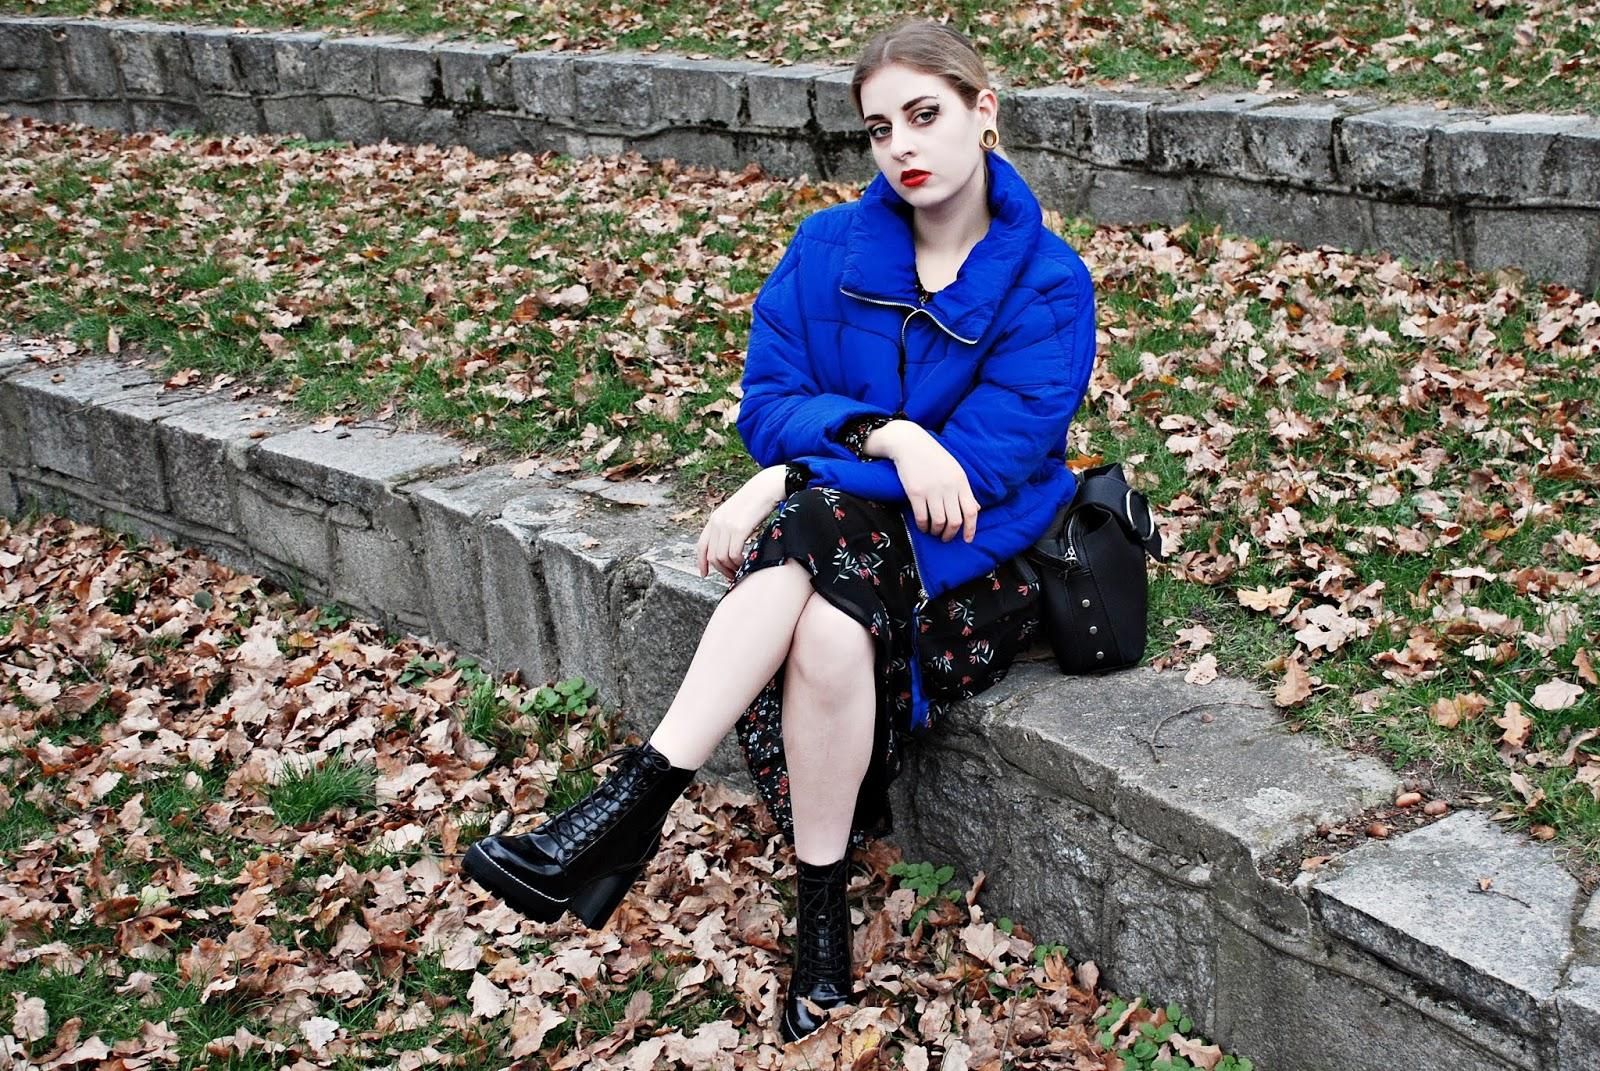 Treść tego postu nie narusza netykiety blogosfery! Modne kolory na jesień zima 2018, kolor niebieski, z czym łączyć niebieski, niebieska puchówka, puchówka, midi sukienka, sukienka w kwiaty, botki na słupku, wiązane botki, wiązane botki na słupku, kolory pantone, modne kolory,  kolory jesień 2018, kolory 2018, jesien 2018